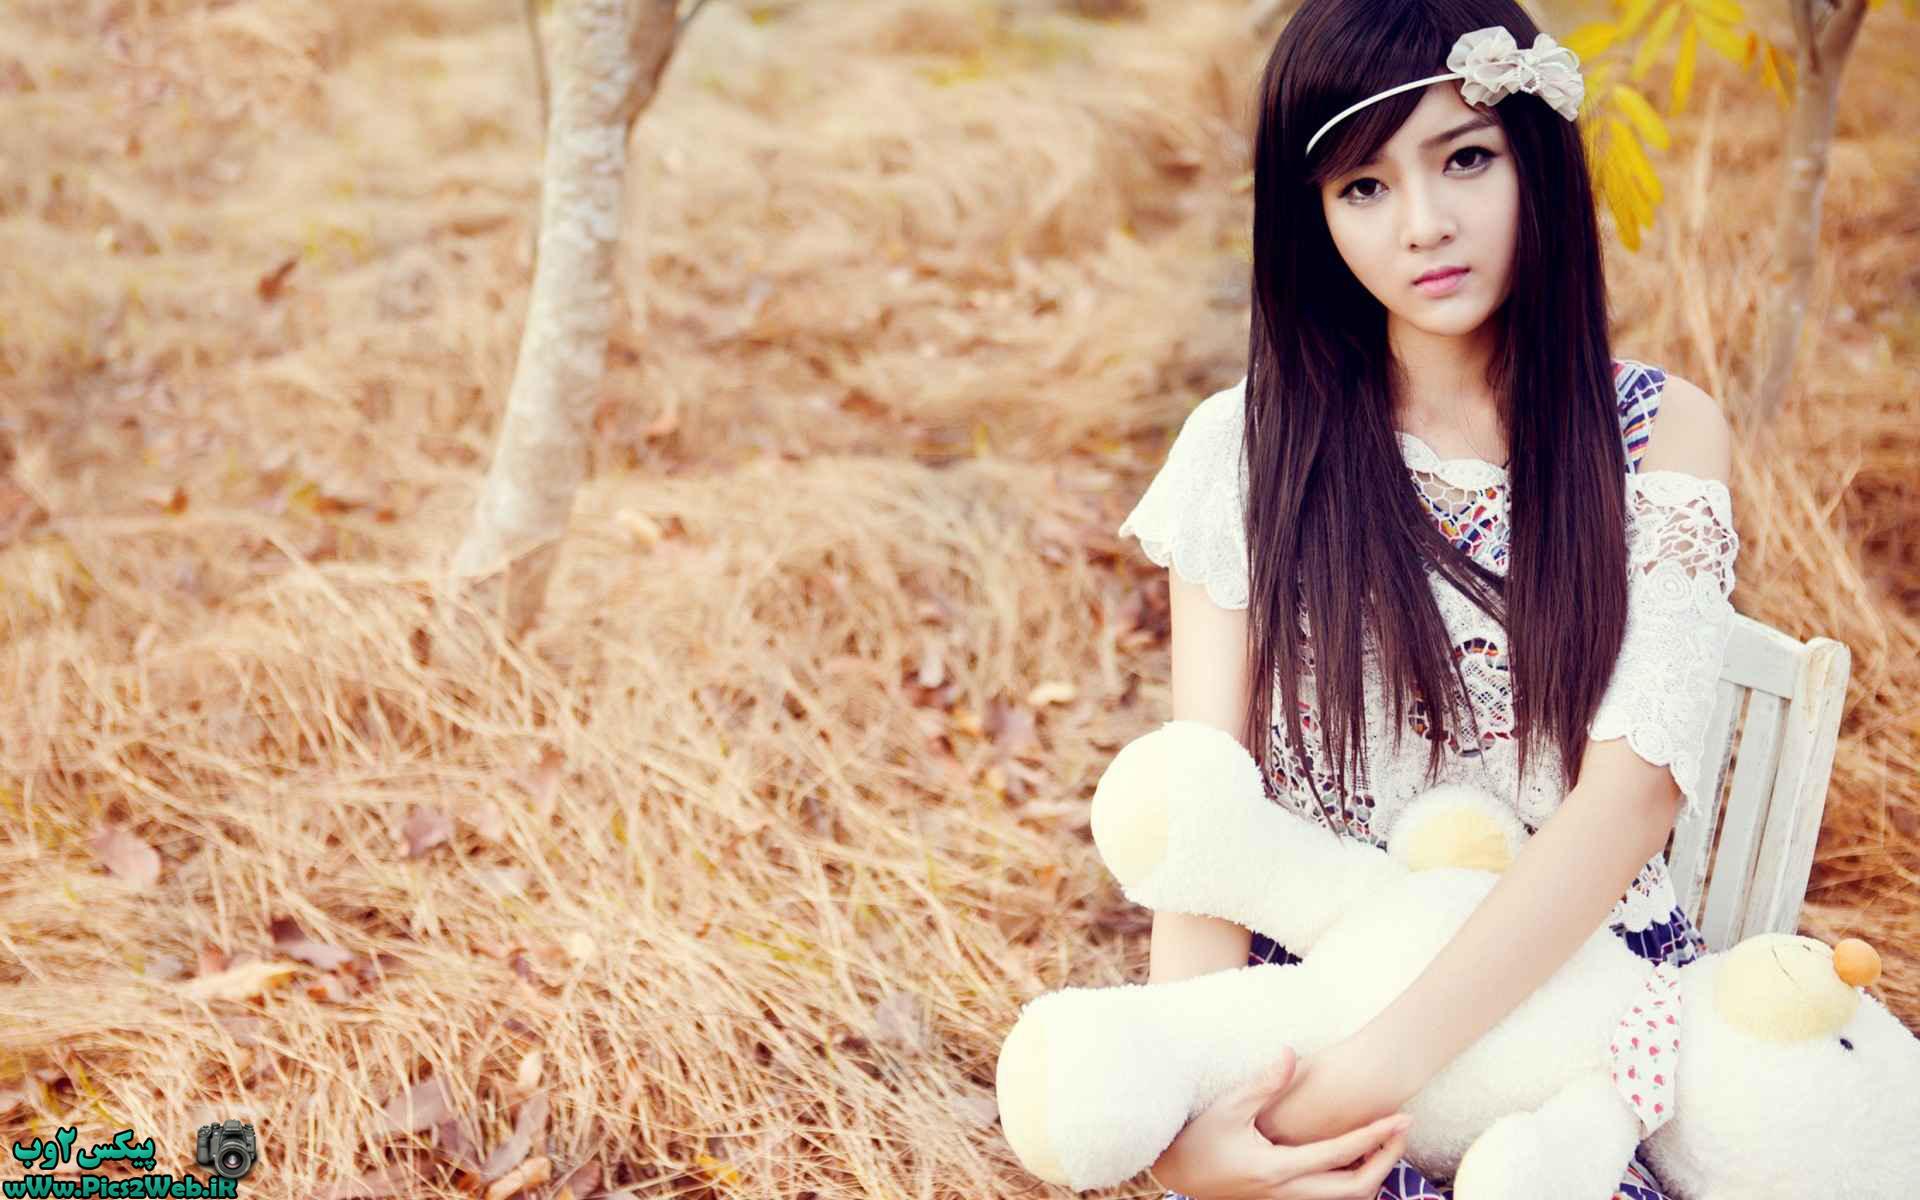 عکس دختر با لباس سفید  با خرس سفید